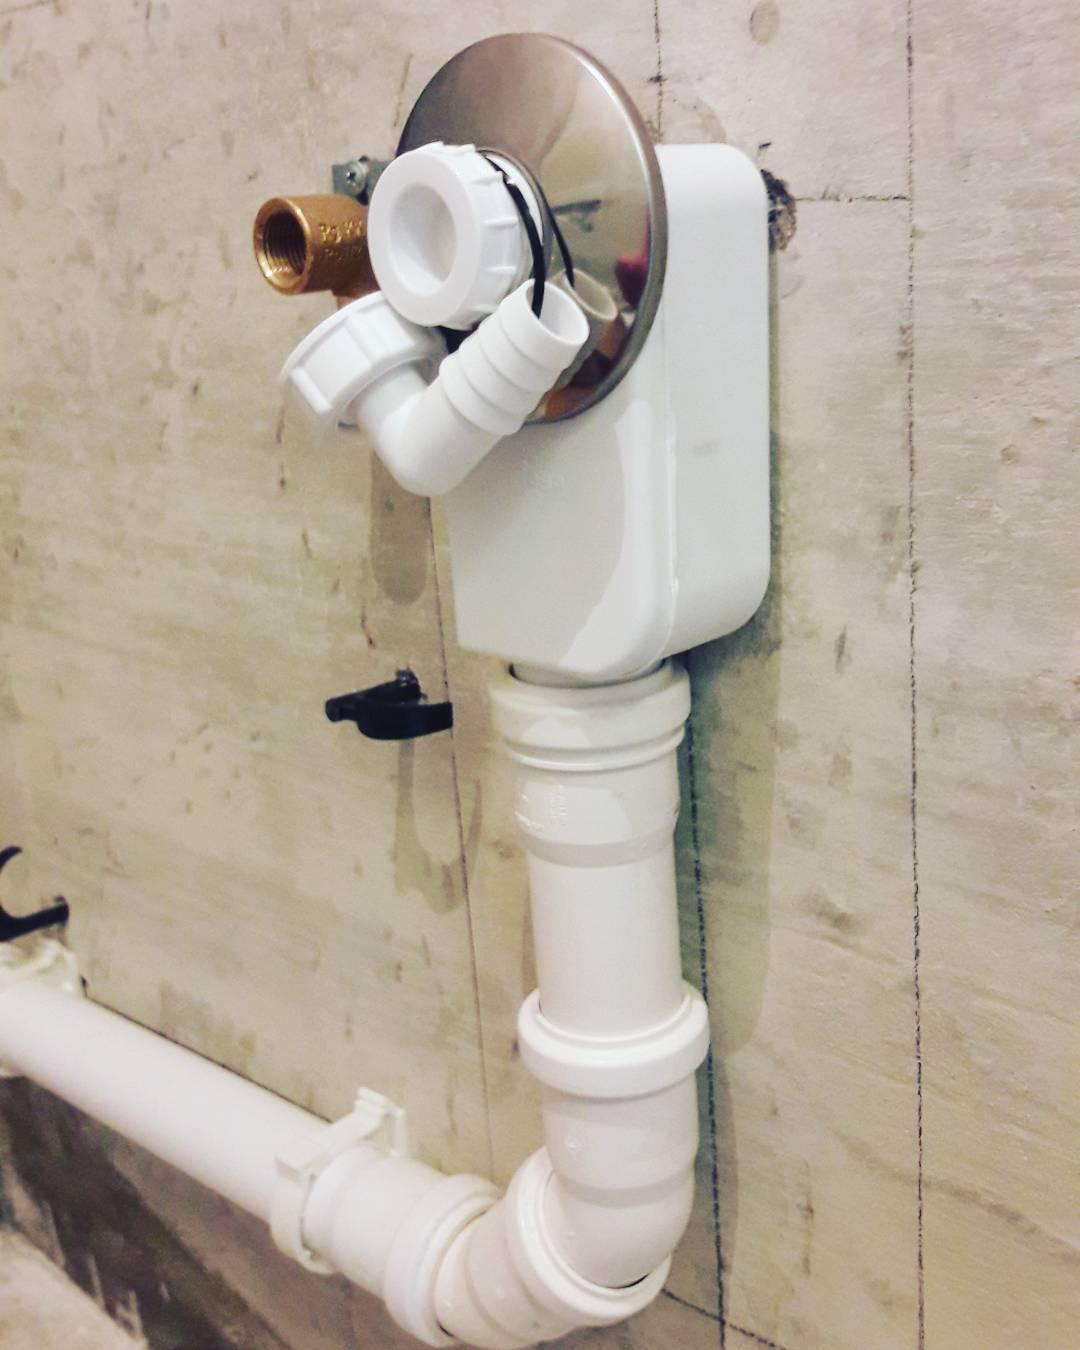 Устройство сифона: принцип его работы, для чего он нужен? из чего состоит сифон для ванной и другие модели?